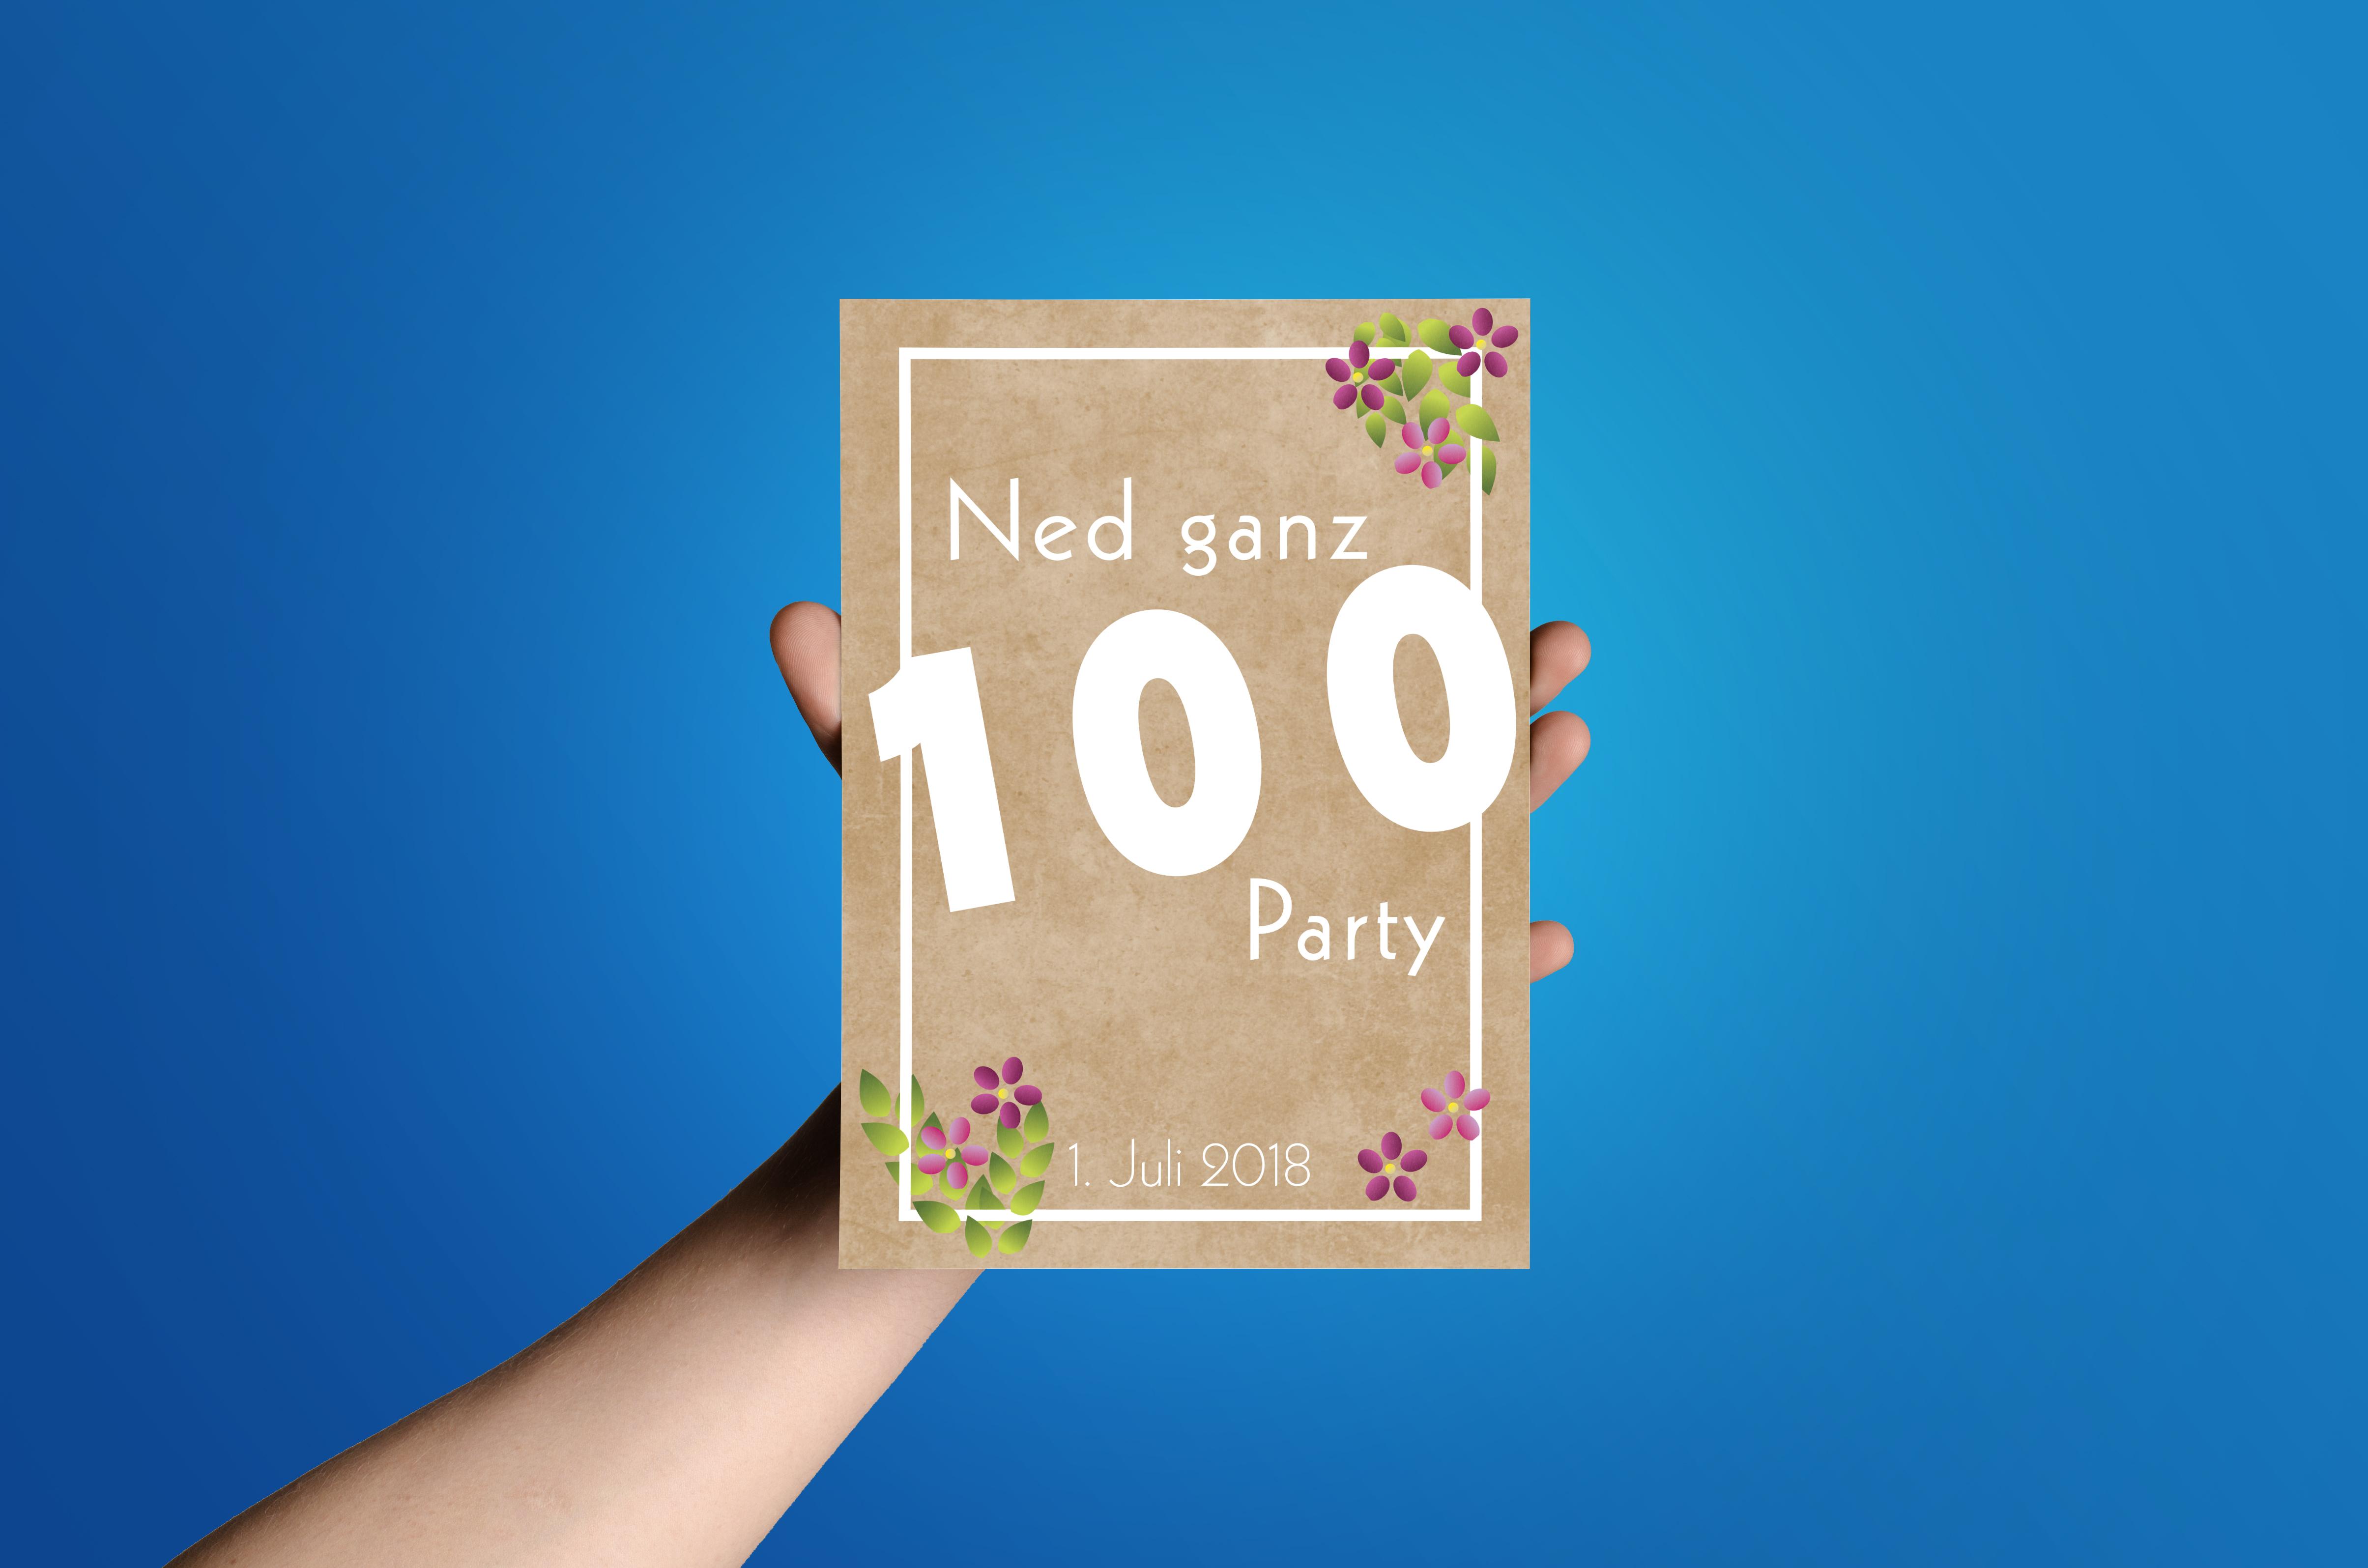 Nedganz100